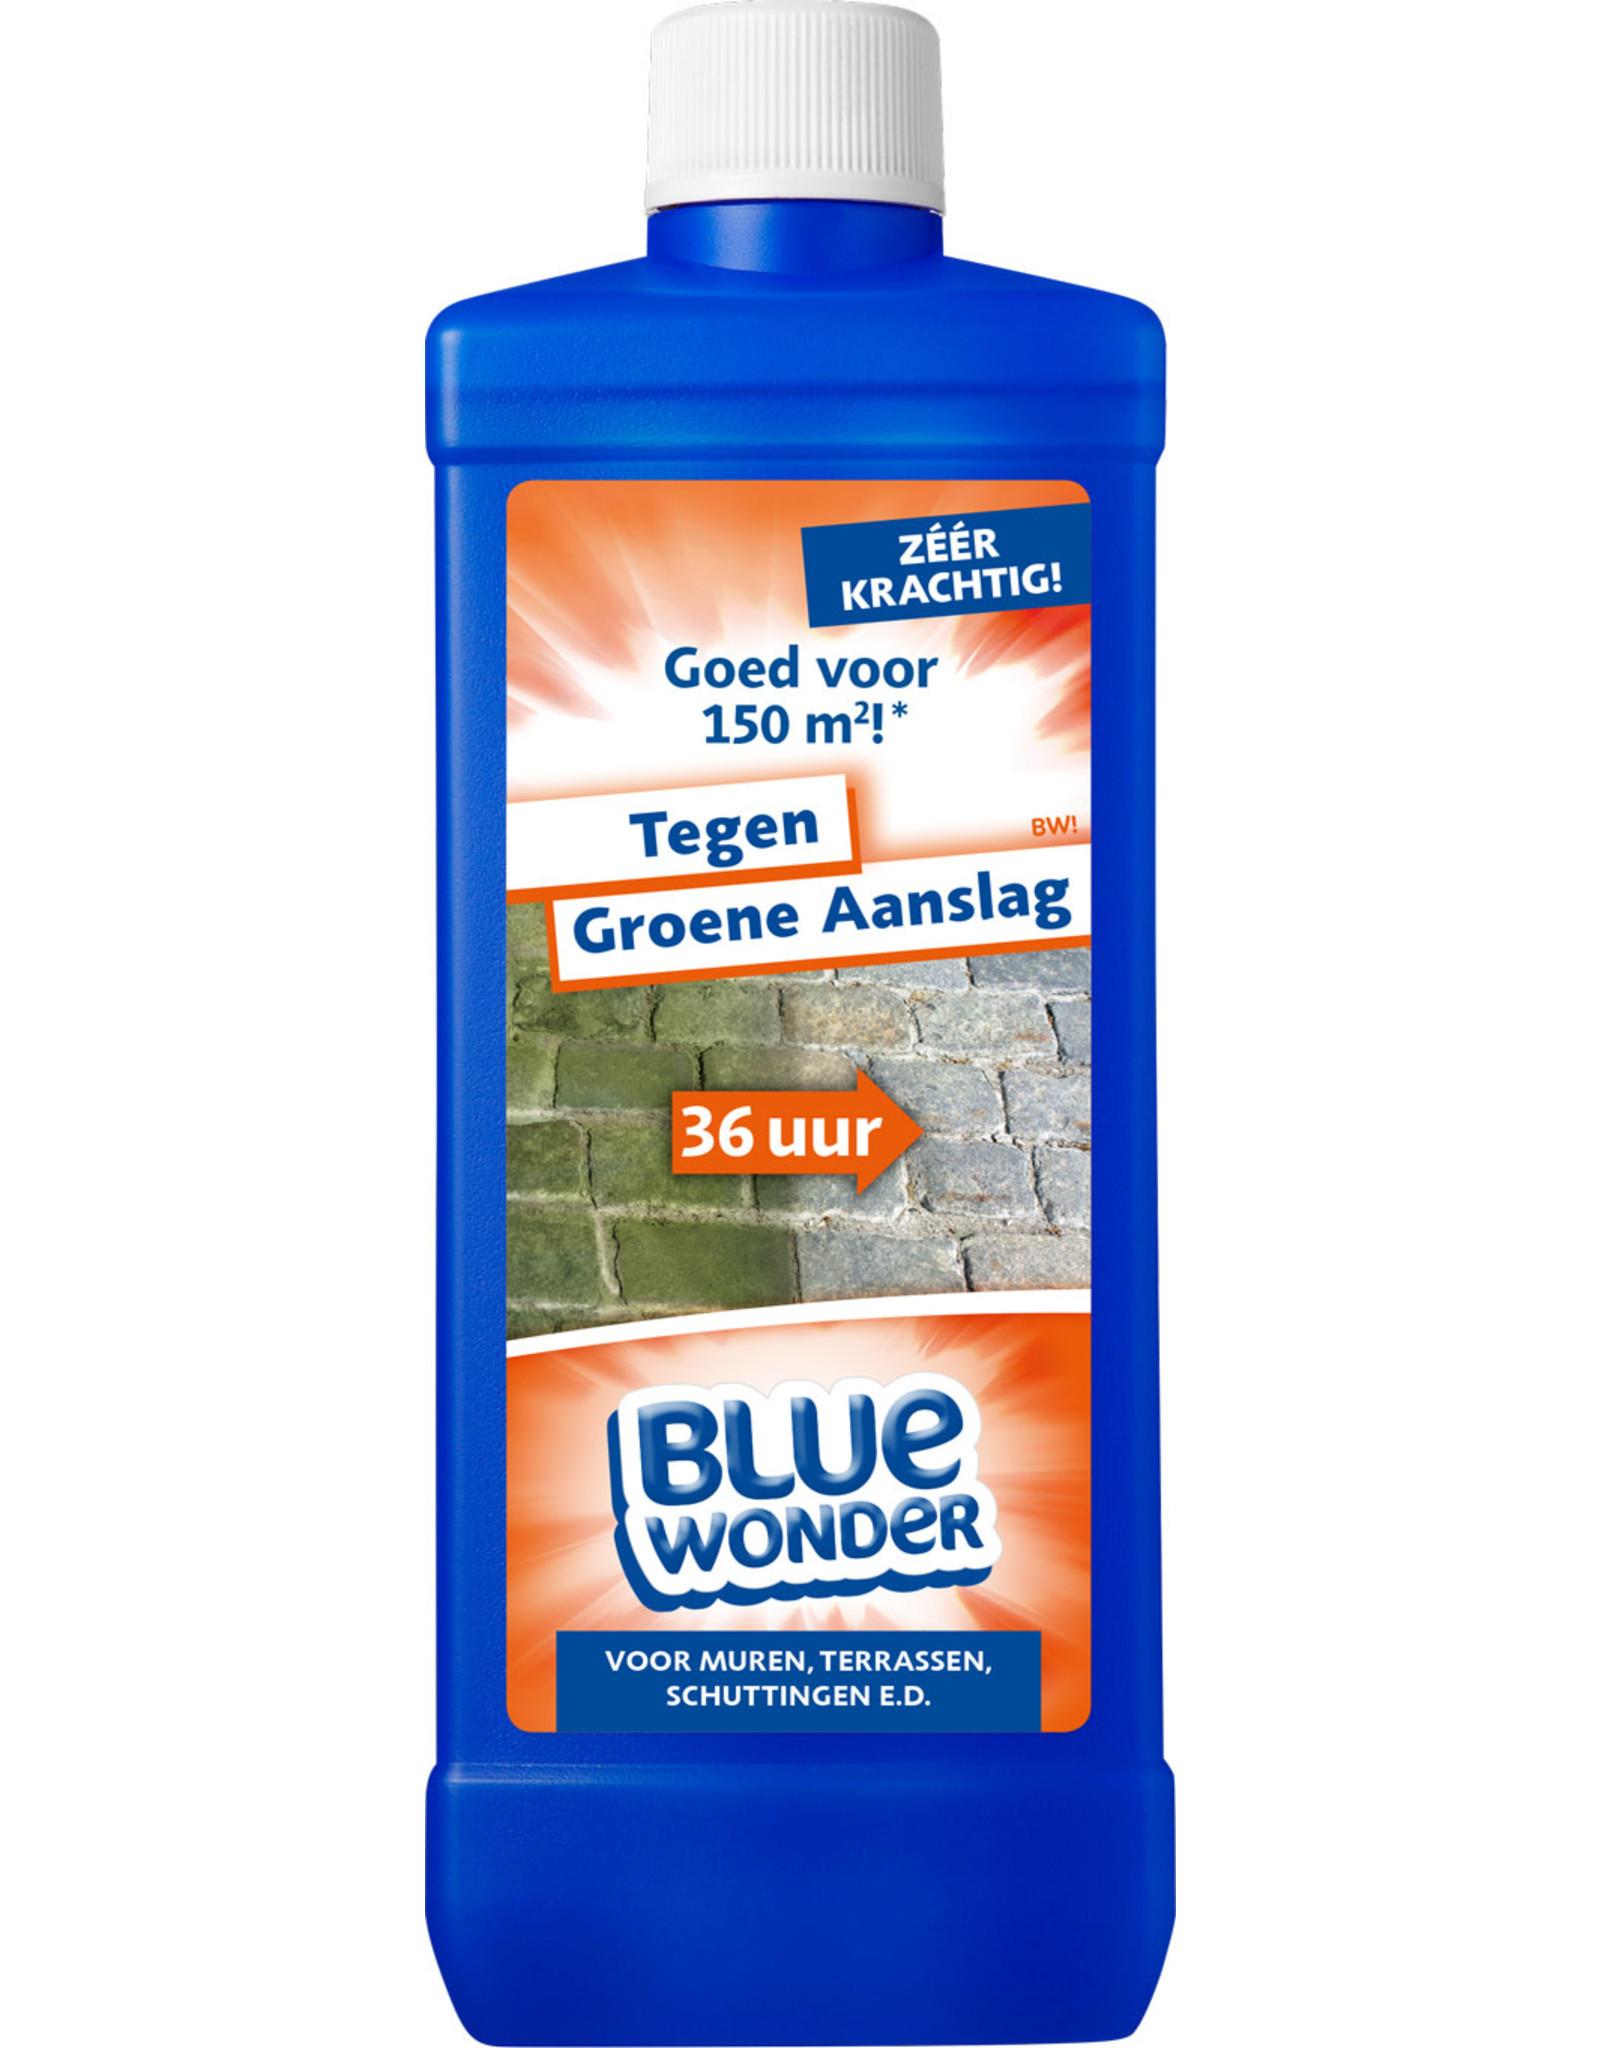 Blue Wonder Blue Wonder Tegen Groene Aanslag-reiniger - 750 ml fles met dop